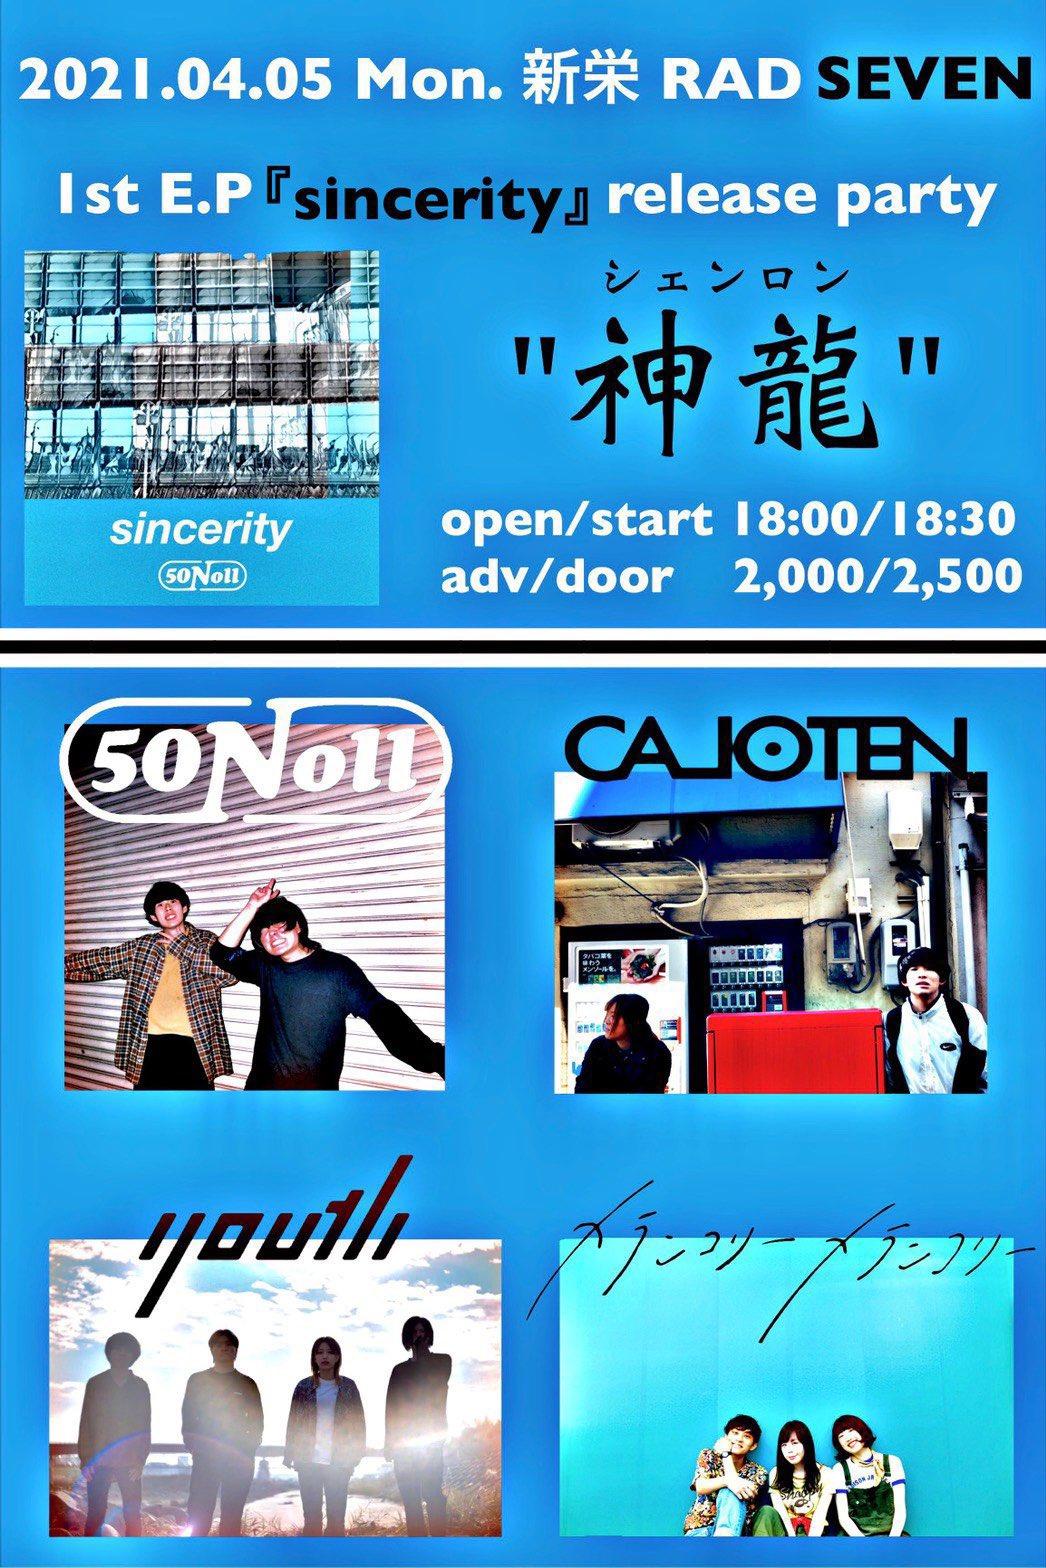 """50Nol 1st E.P 「sincerity」release party ''神龍"""""""